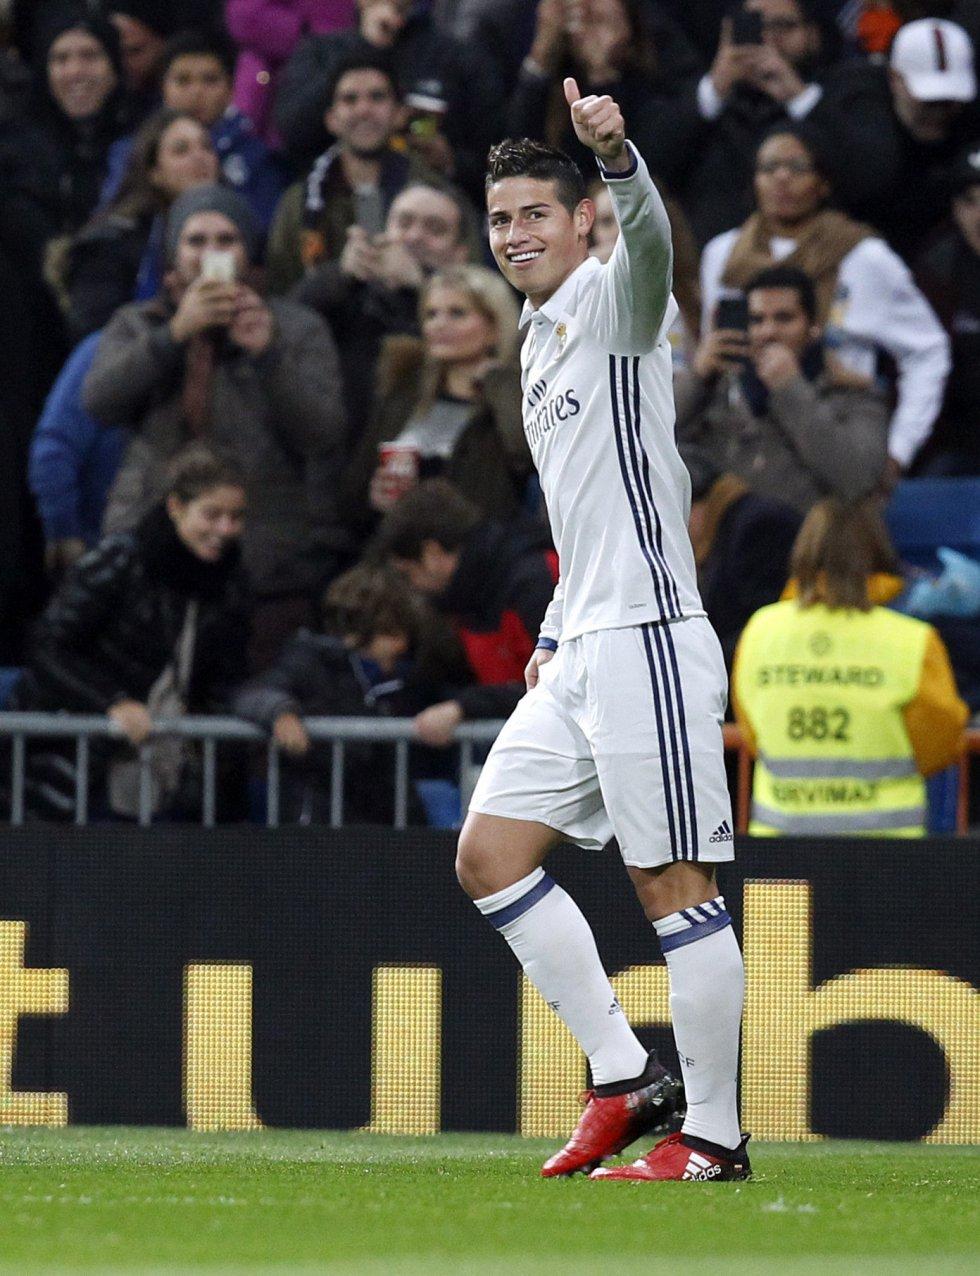 El colombiano calló las críticas y se ganó el aplauso del Bernabéu tras un excelente juego.